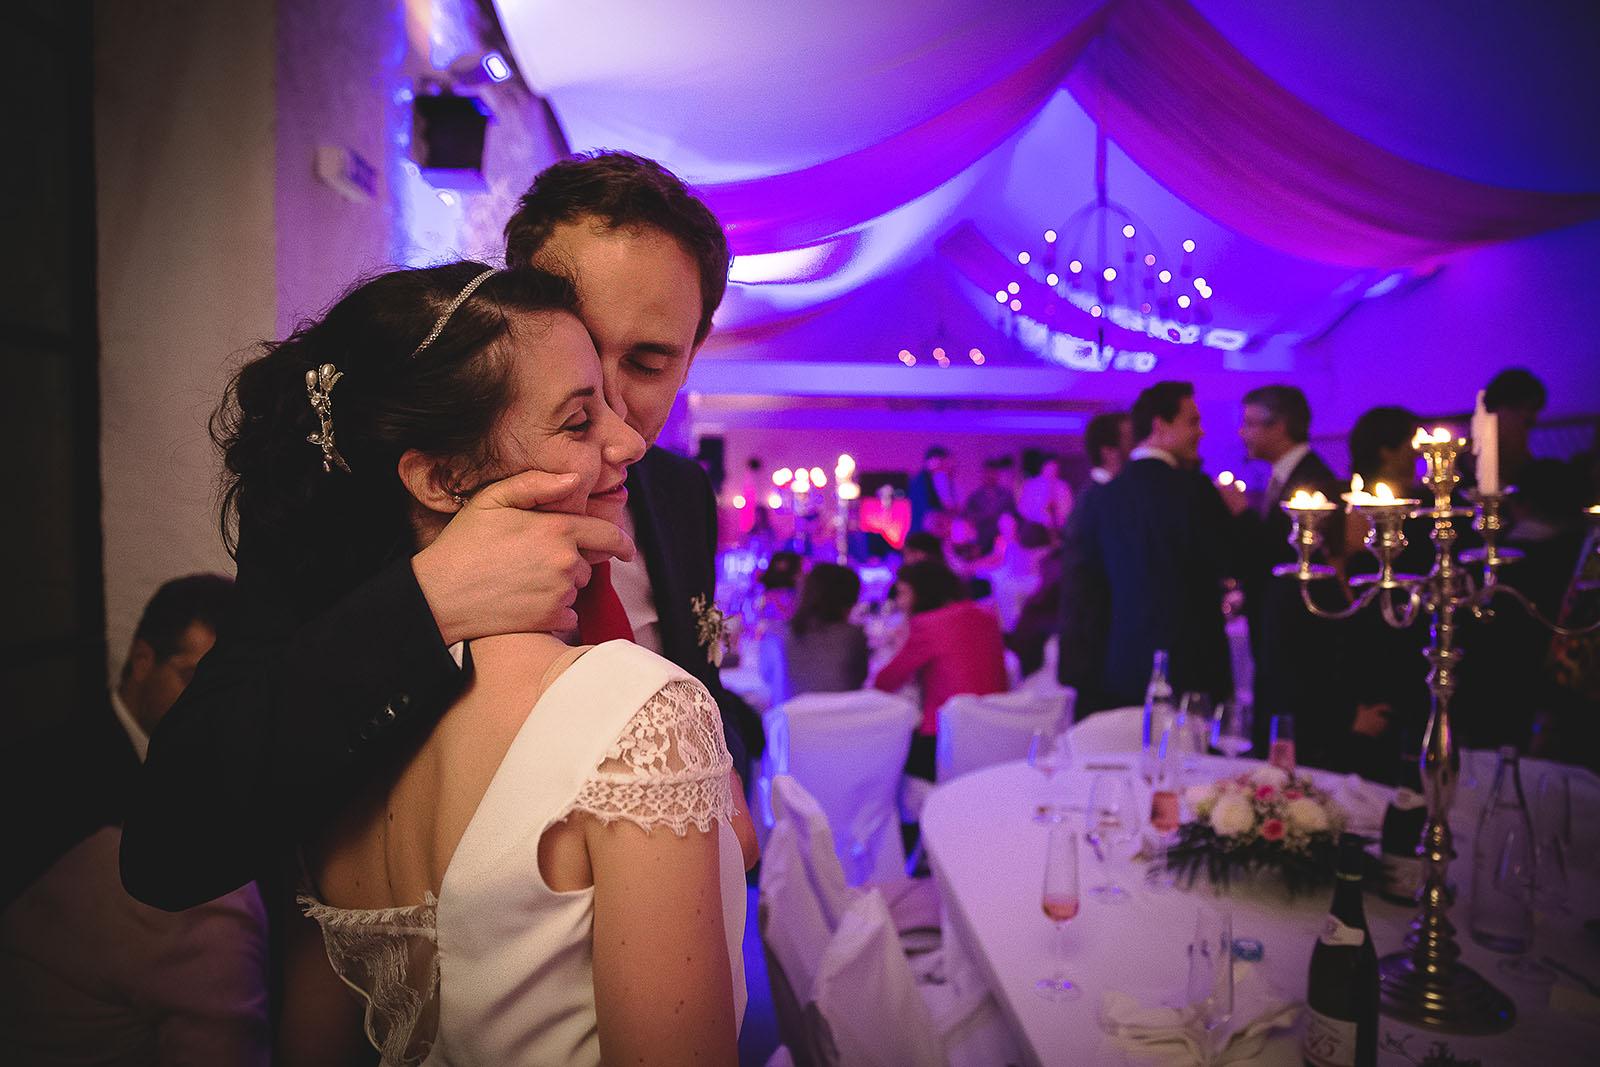 Mariage Château de Beauvoir Le marié embrasse la mariée pendant la soirée. Beaucoup d'émotion. David Pommier photographe de mariage